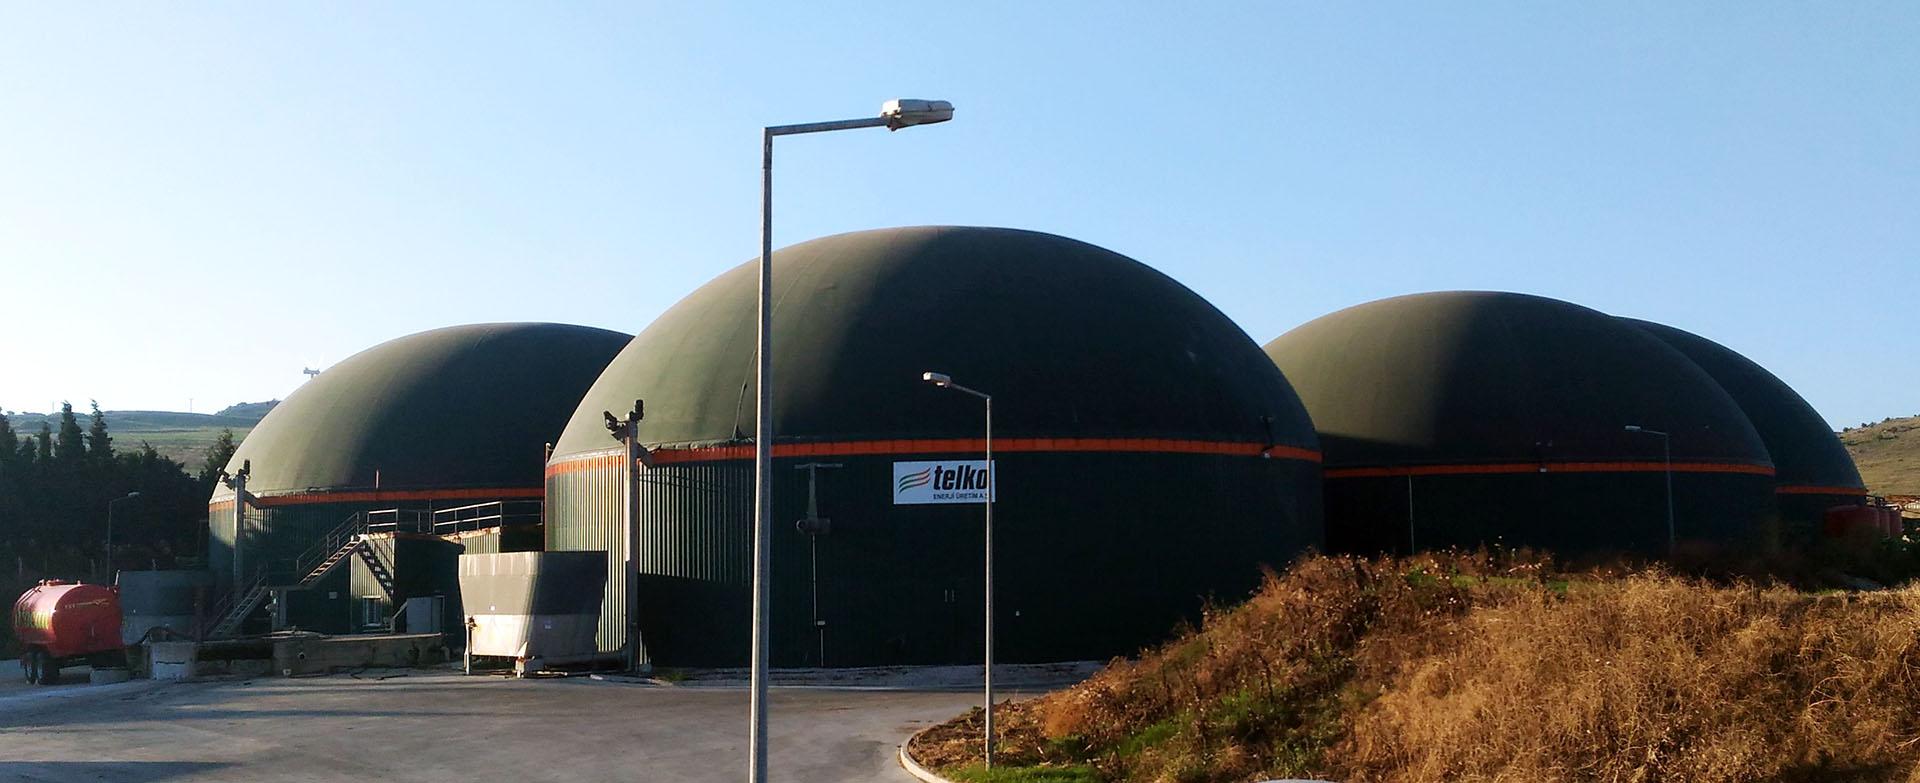 Edincik biyokütle gaz ve enerji tesisi genel görünüm